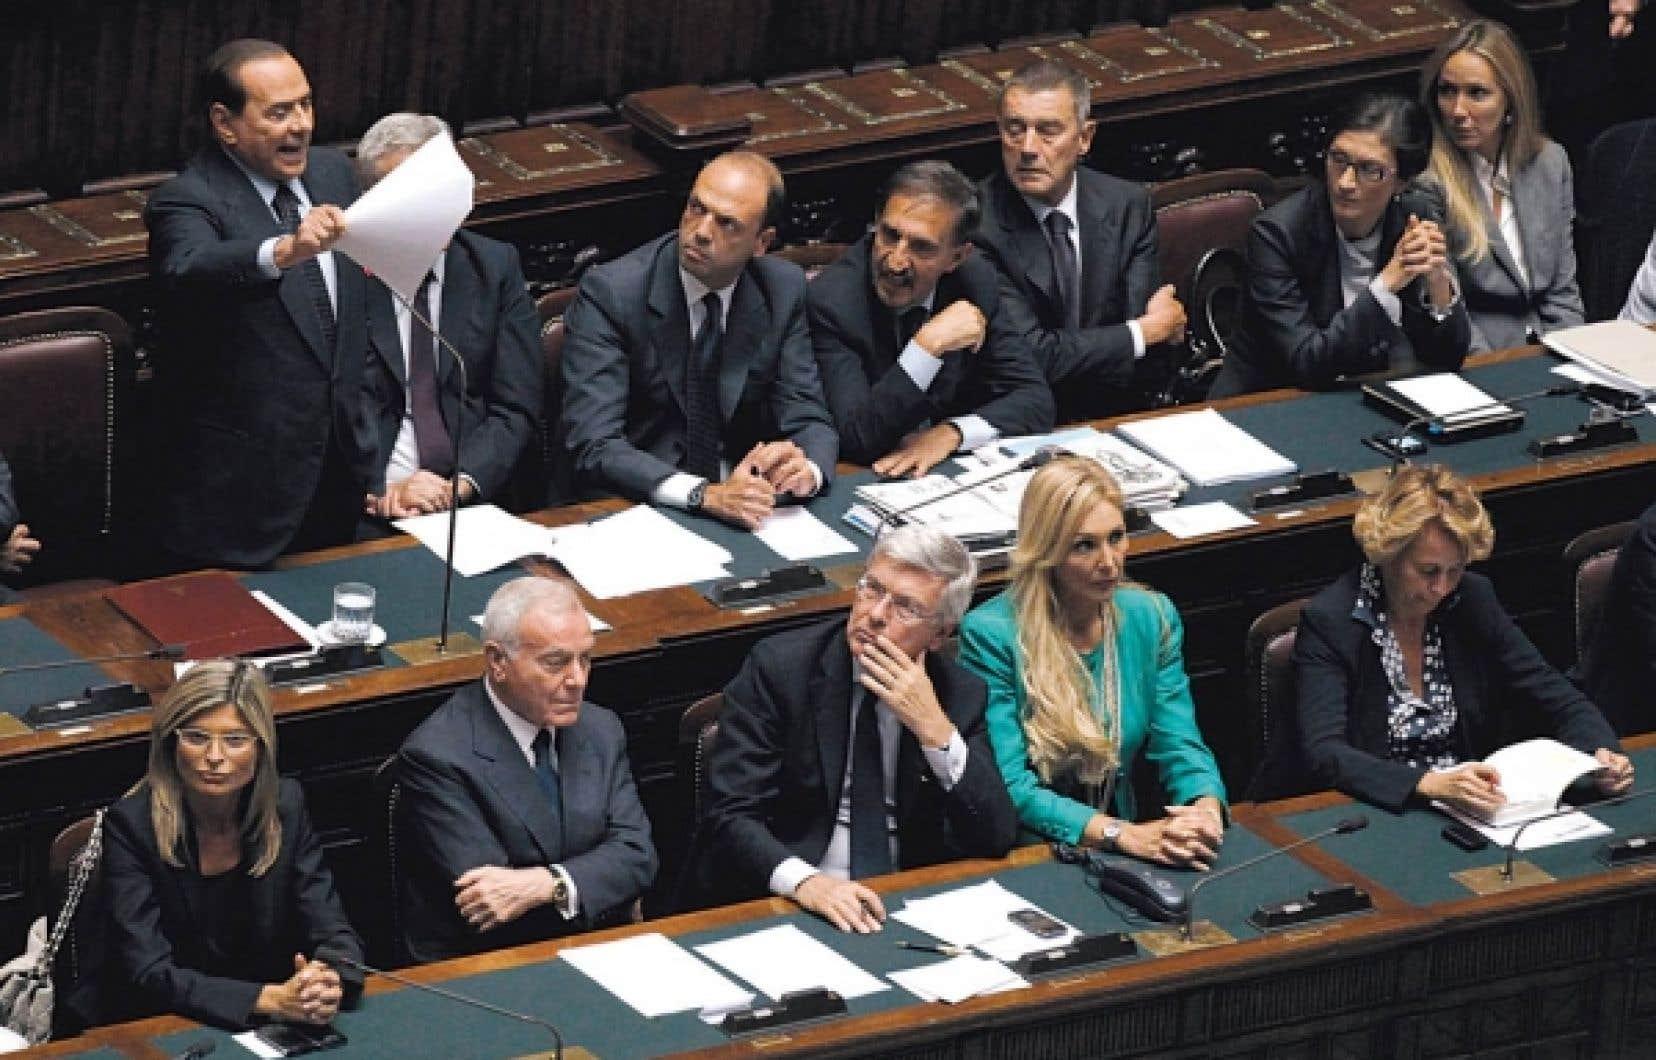 Silvio Berlusconi a voulu se présenter comme un rassembleur hier au Parlement.<br />